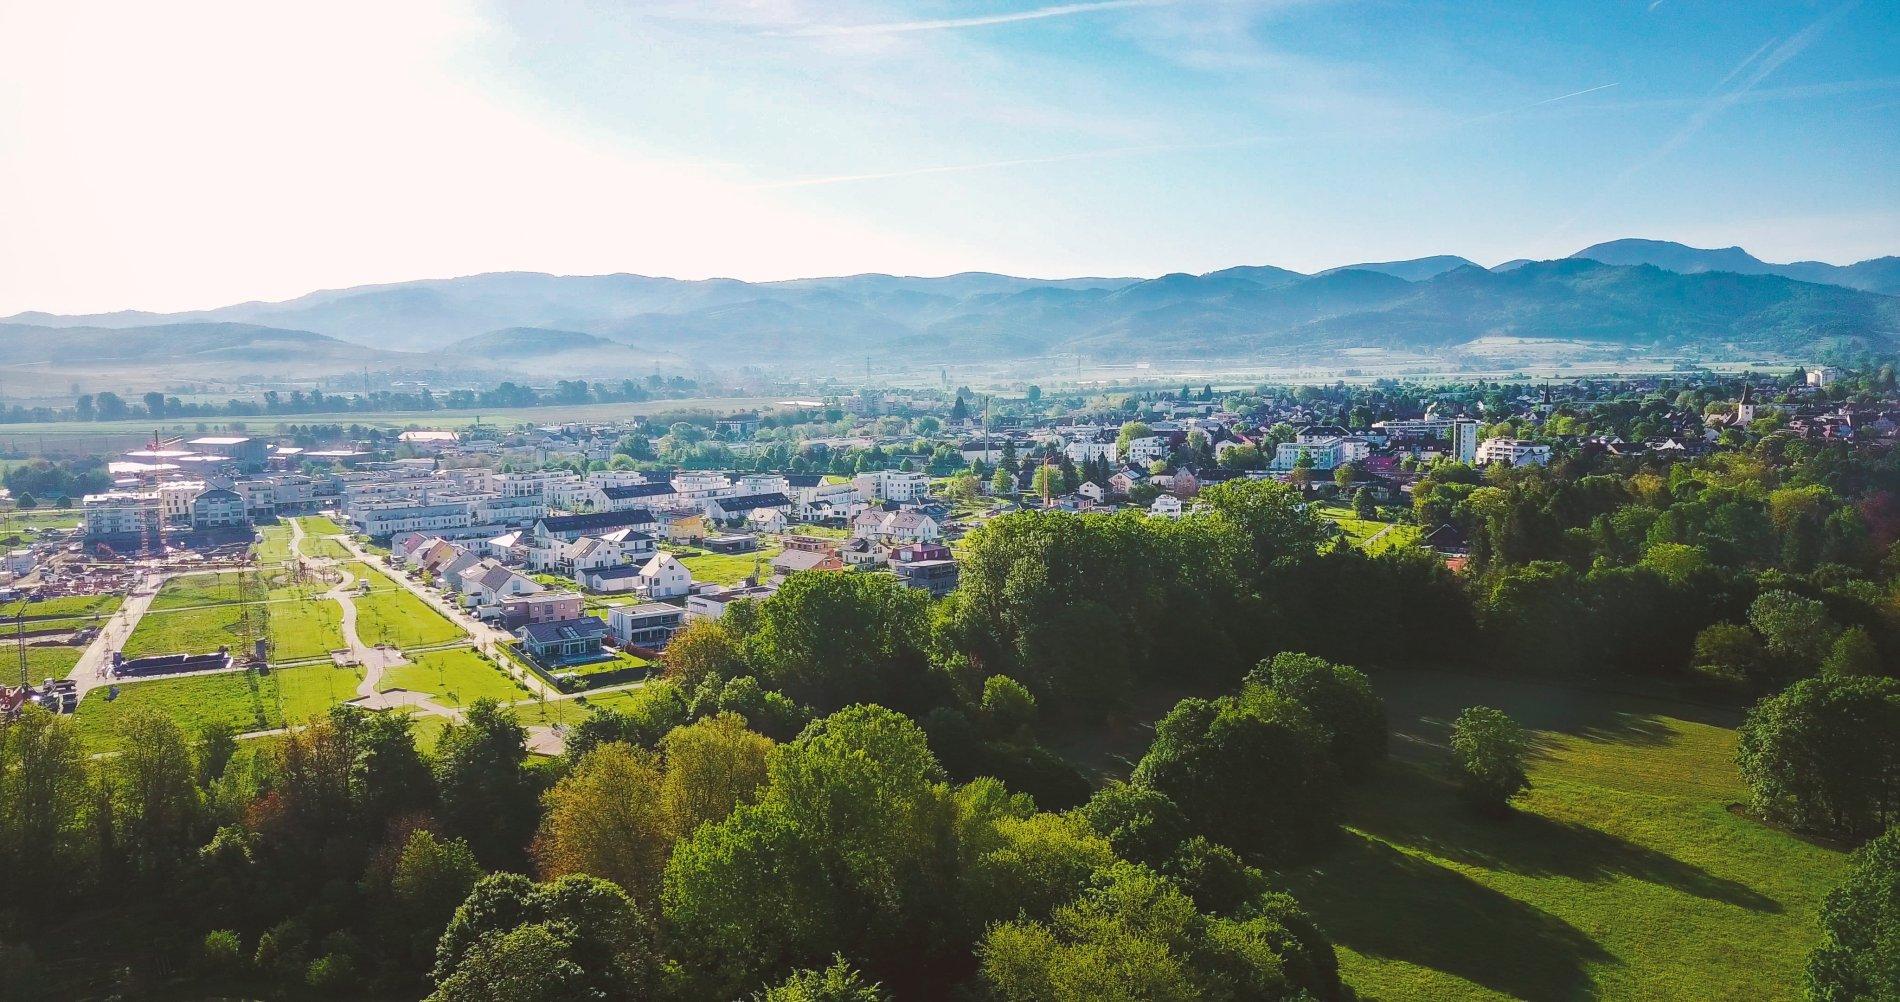 Bad Krozingen - Erlebnisstadt mit Wohlfühlcharakter